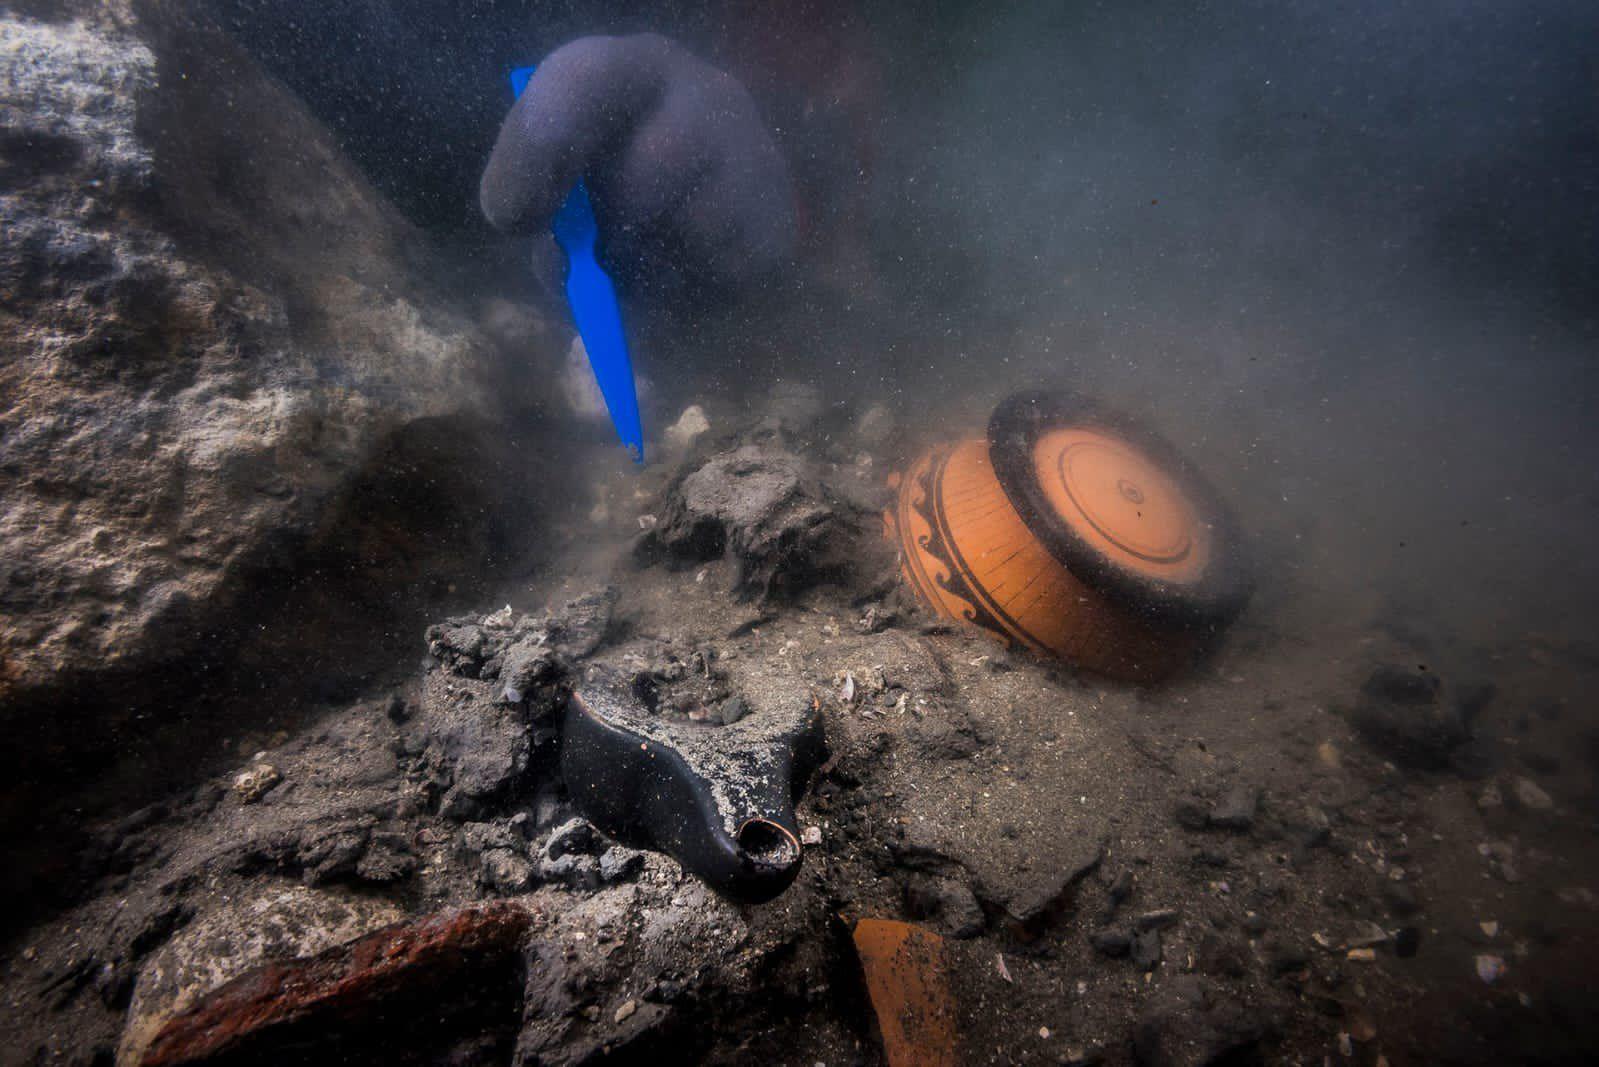 Des vestiges ont été découverts dans la ville engloutie d'Héraklion, en Egypte.